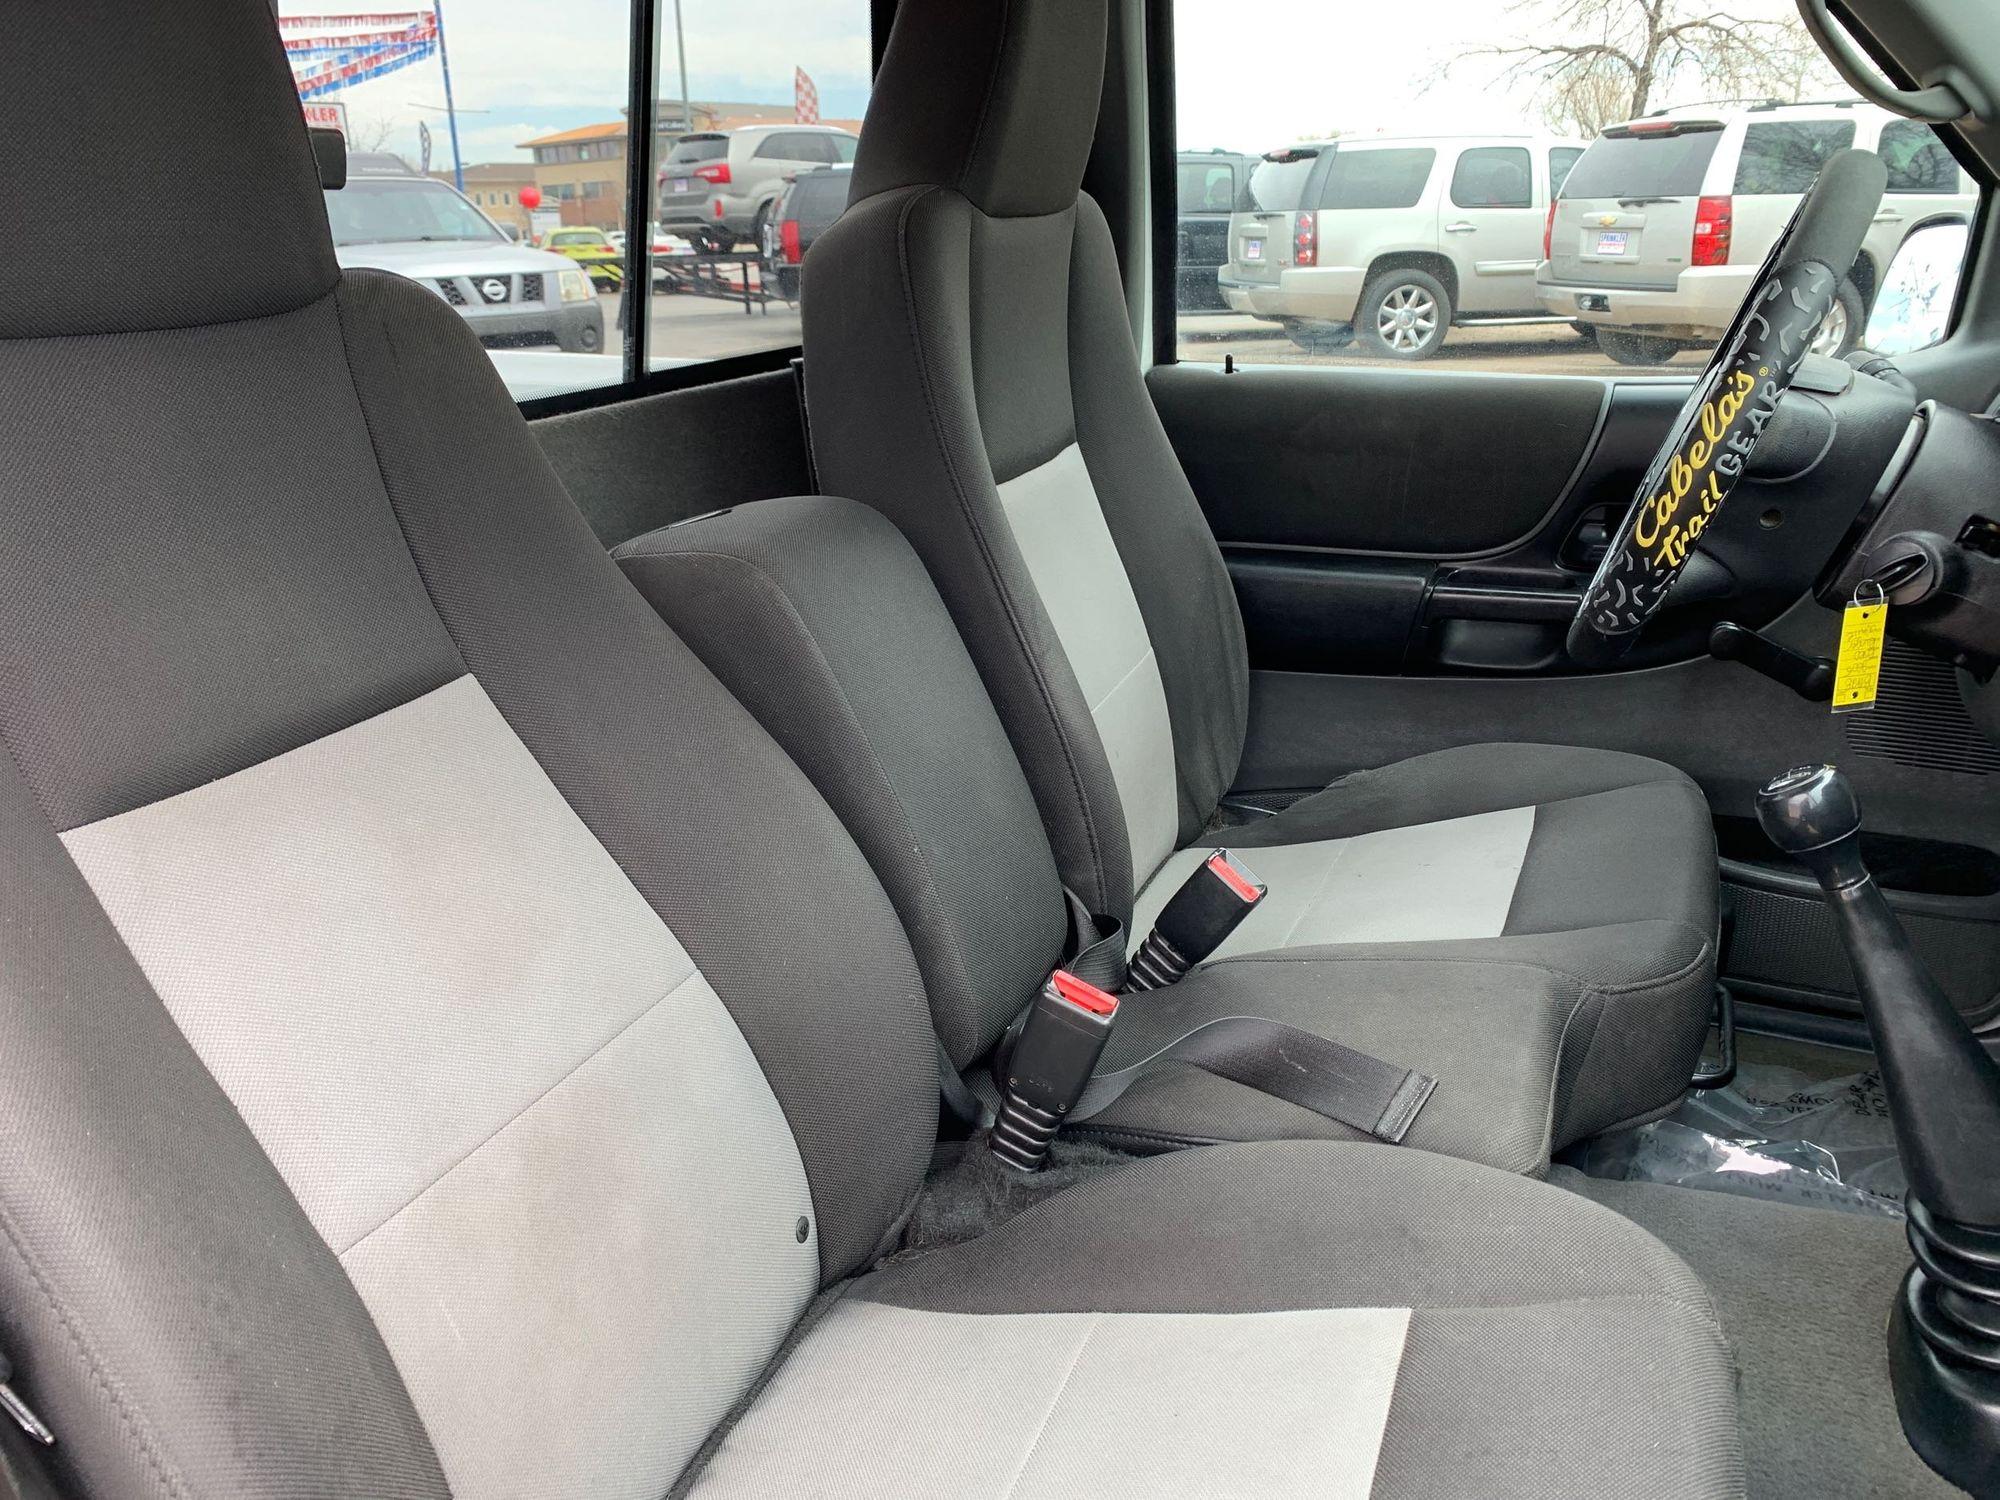 Admirable 2005 Ford Ranger Xl Sprinkler Used Cars Dailytribune Chair Design For Home Dailytribuneorg